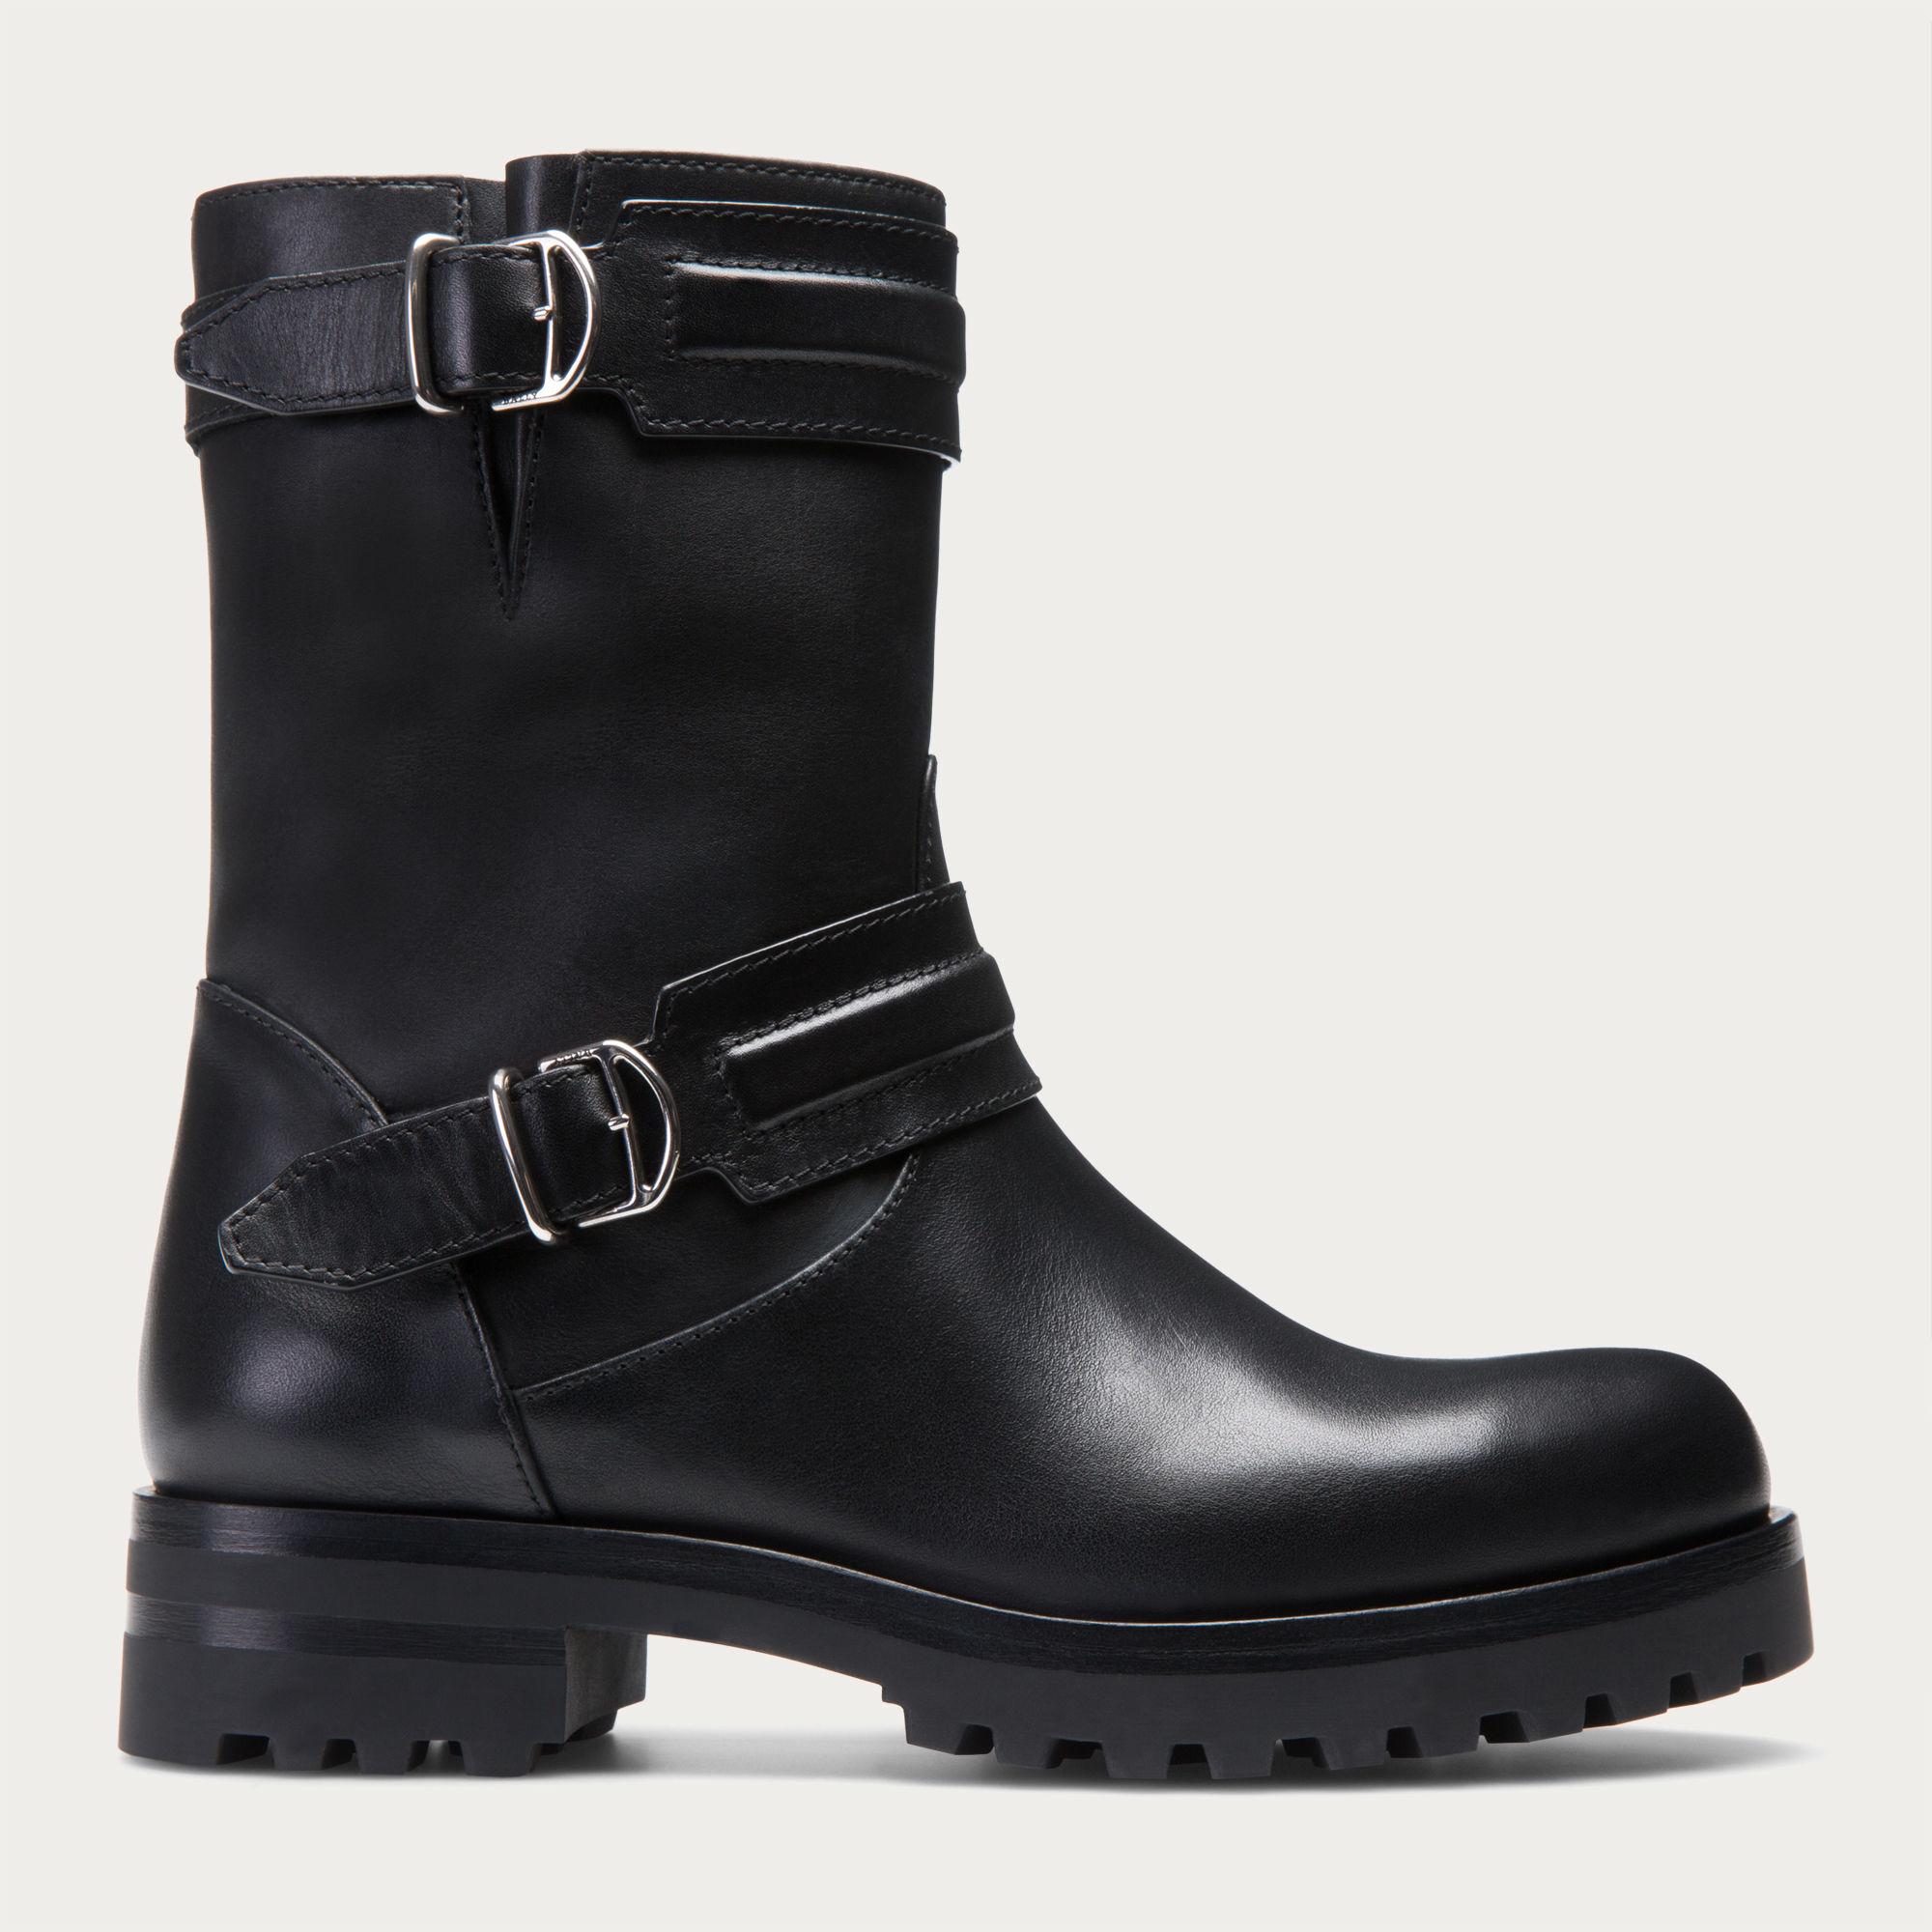 Lyst Bally Beaury Women ́s Leather Biker Boot In Black